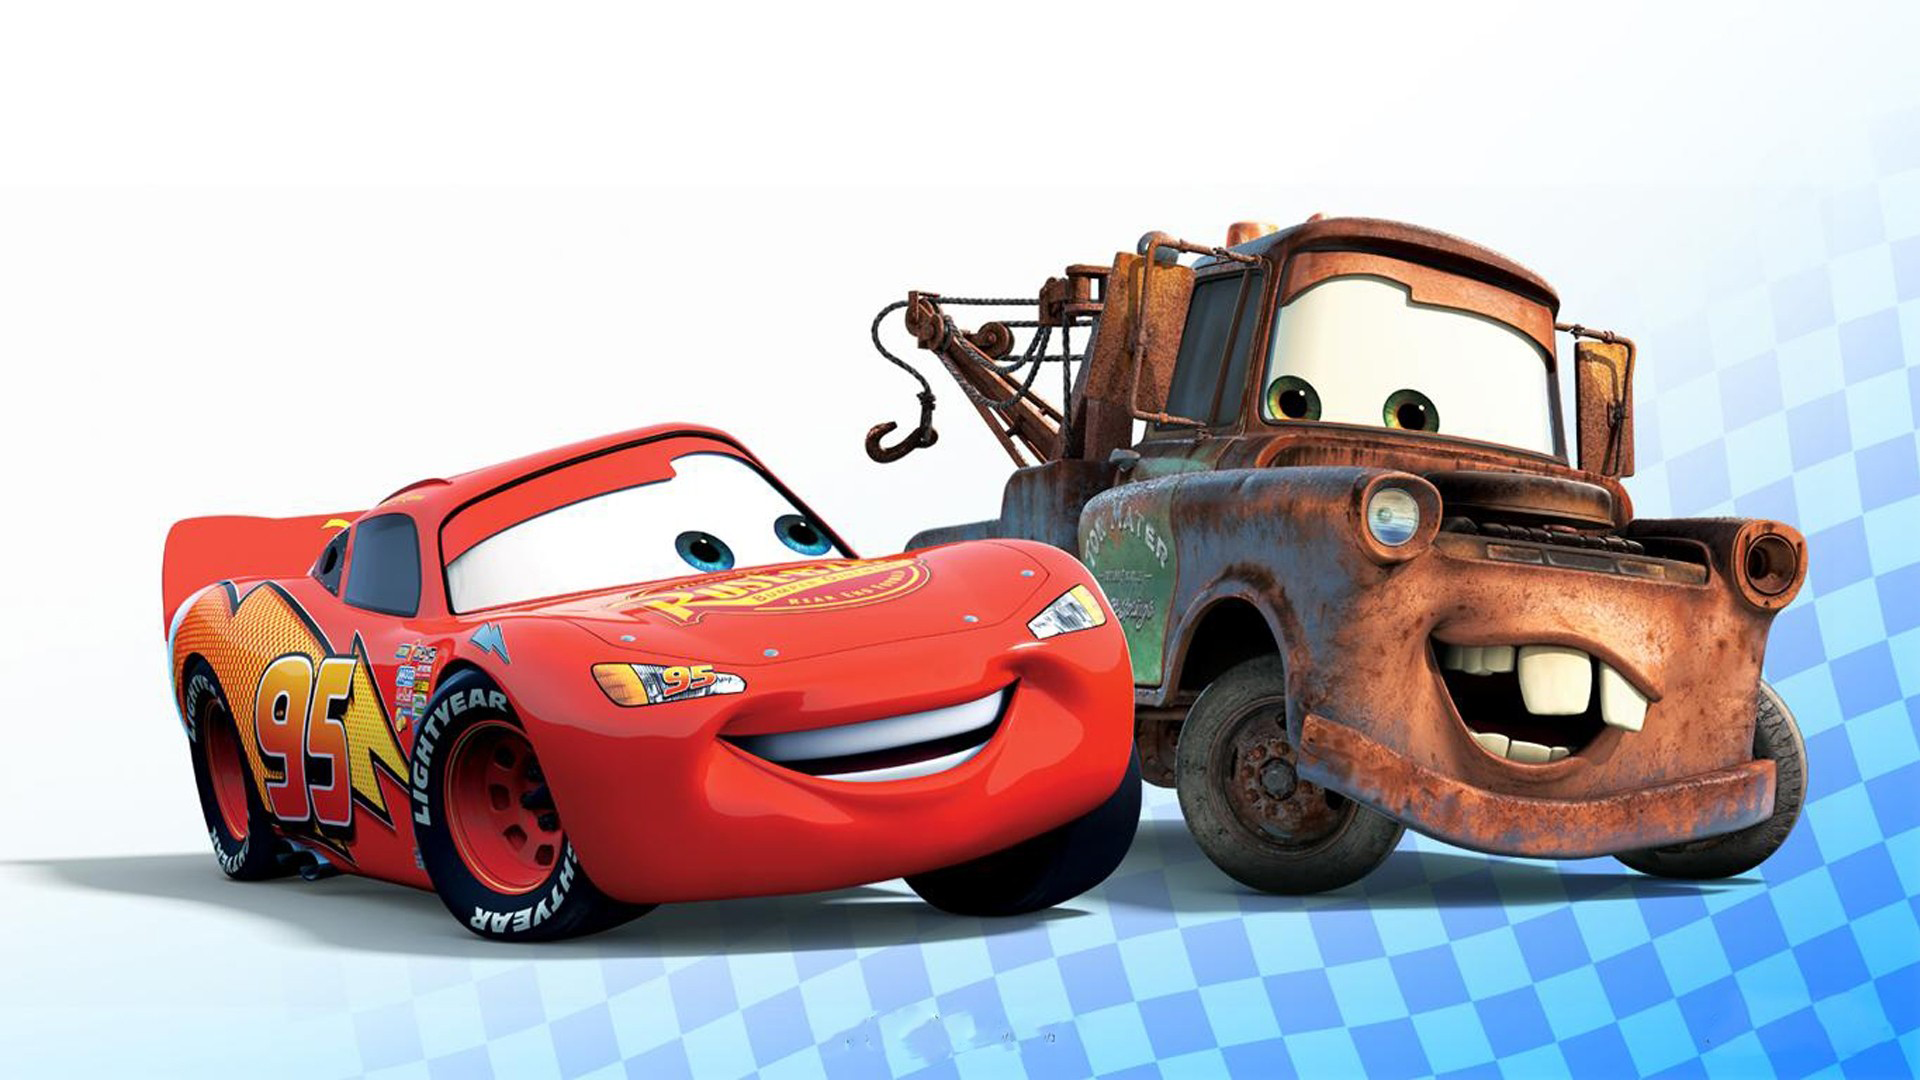 ... -Lightning-McQueen-Mater-Movie-Kids-GIANT-WALL-POSTER-ART-PRINT-J037: www.ebay.co.uk/itm/Cars-Lightning-McQueen-Mater-Movie-Kids-GIANT...